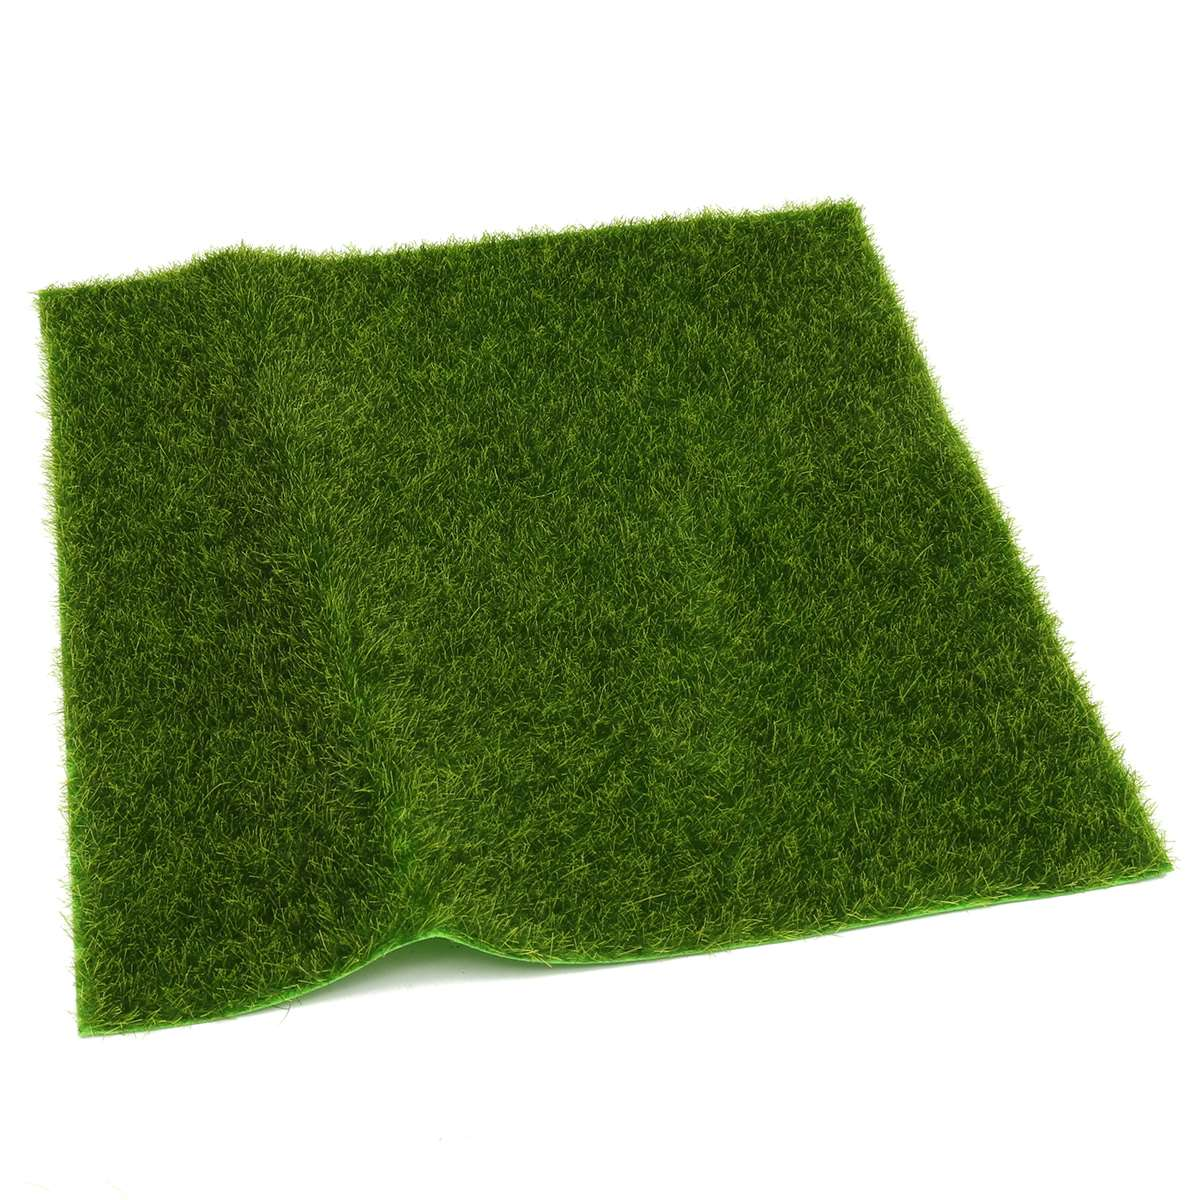 Moss Mats Online Buy Wholesale Artificial Moss Mat From China Artificial